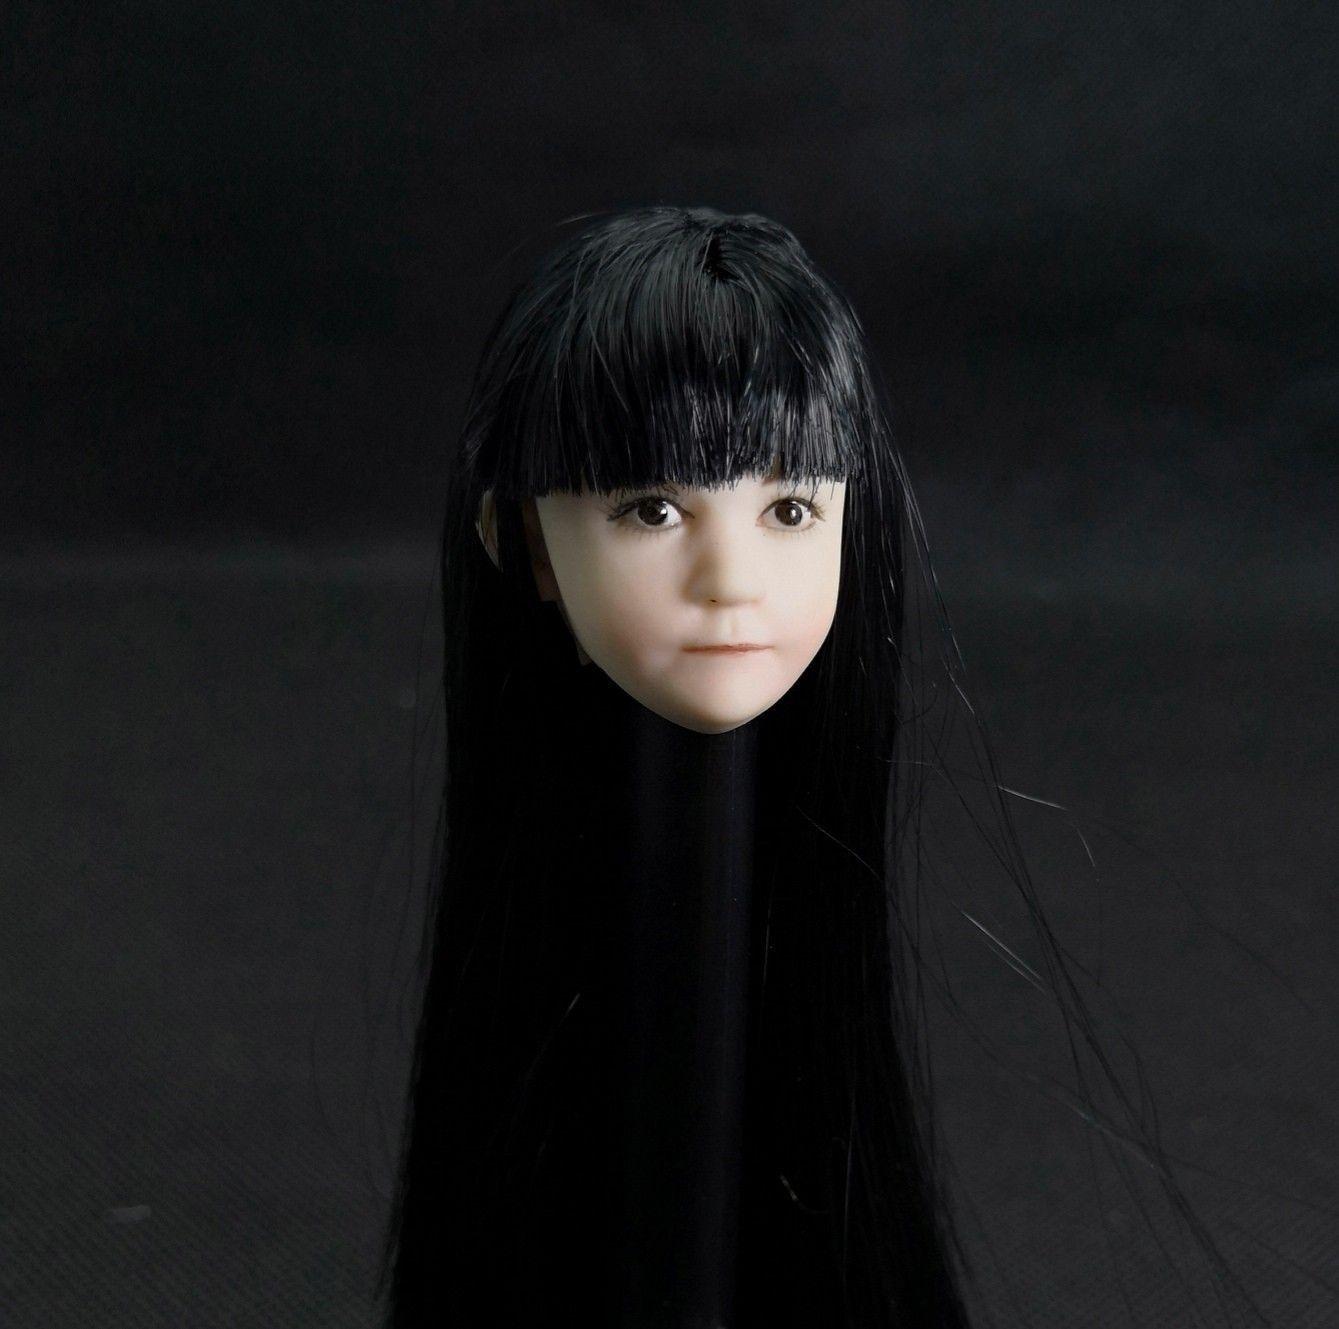 1 6 Cute Girl  autoved Sculpt modellololo giocattolo Female Head Fit 12  azione cifra  Negozio 2018